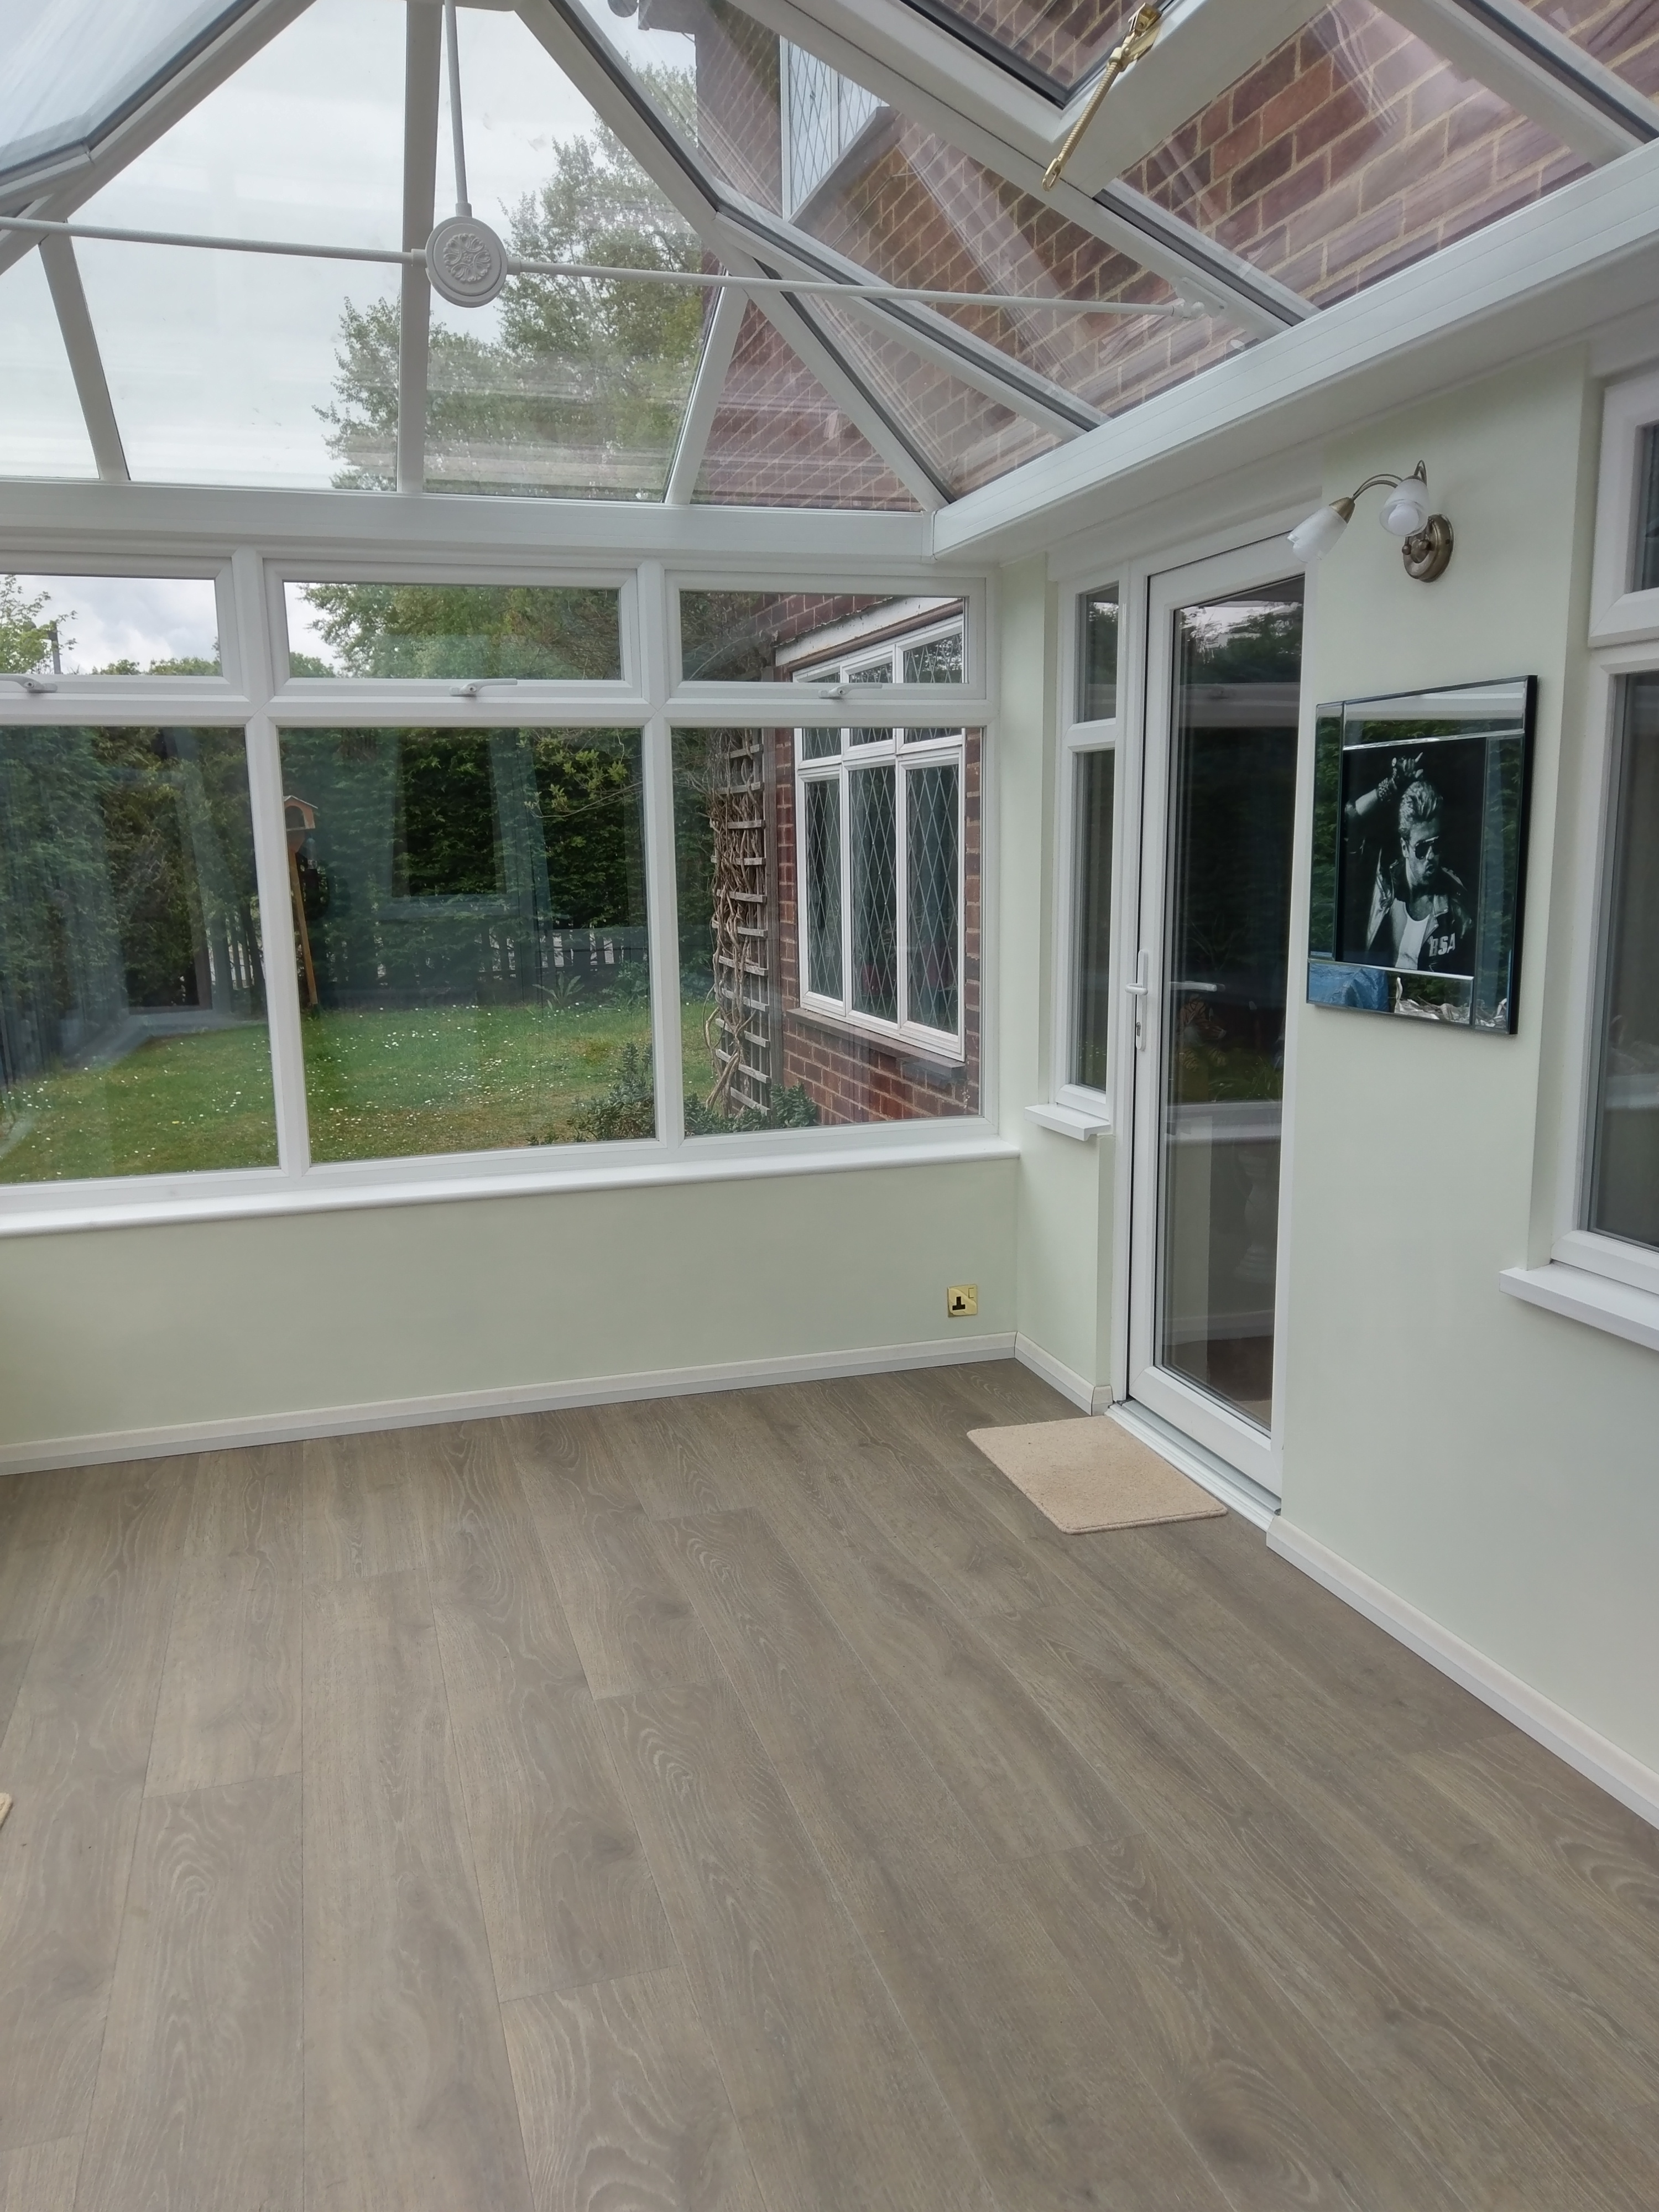 kommerling conservatory2